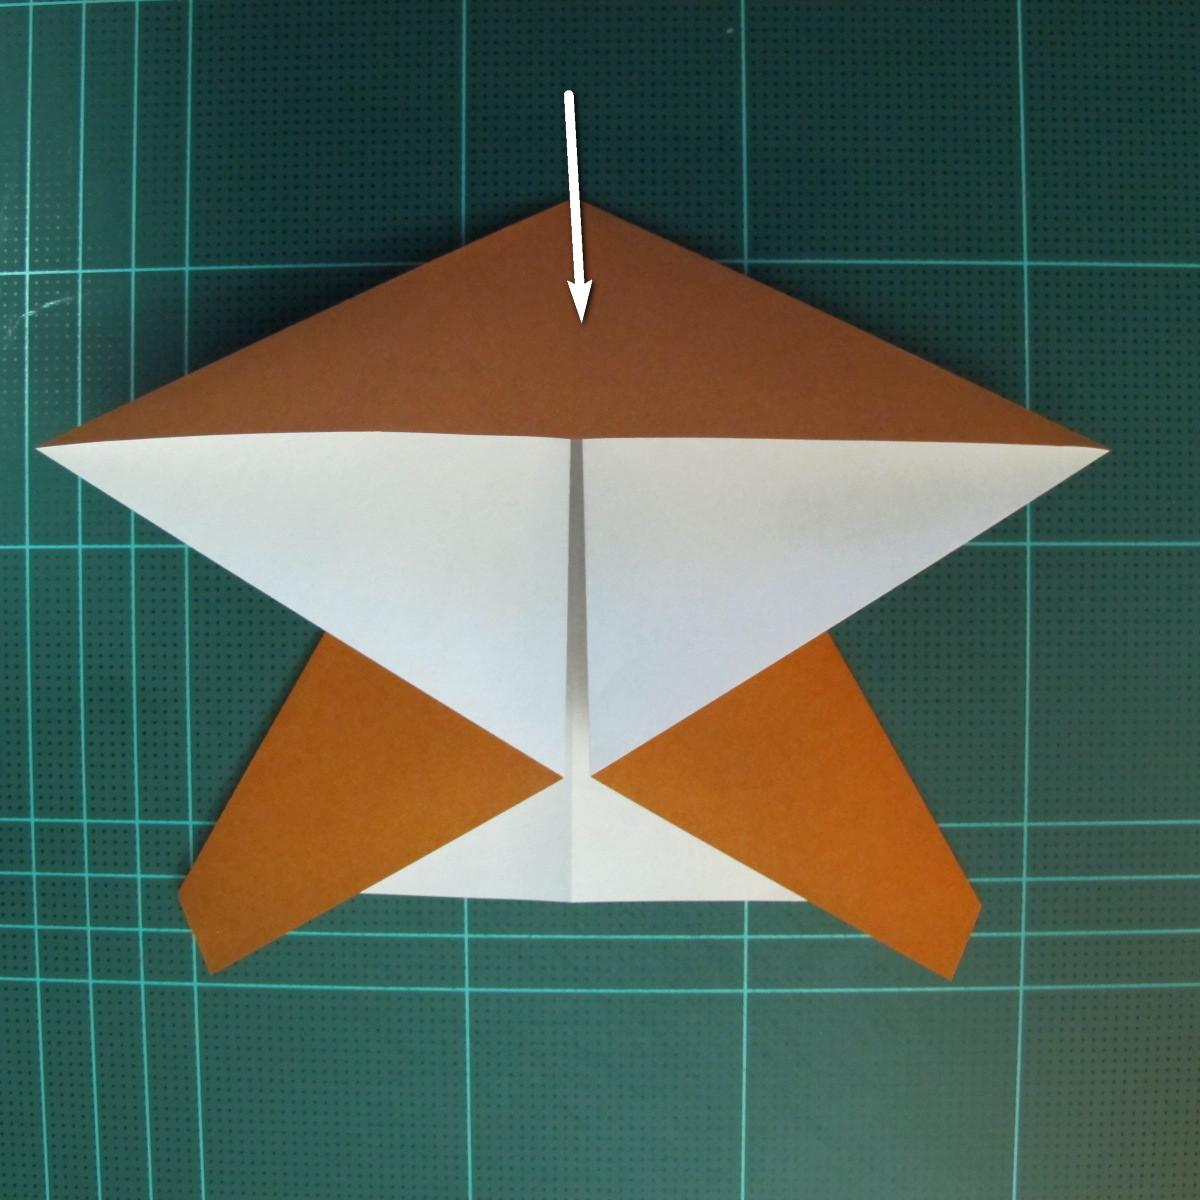 วิธีการพับกระดาษเป็นรูปกบ (แบบโคลัมเบี้ยน) (Origami Frog) 018